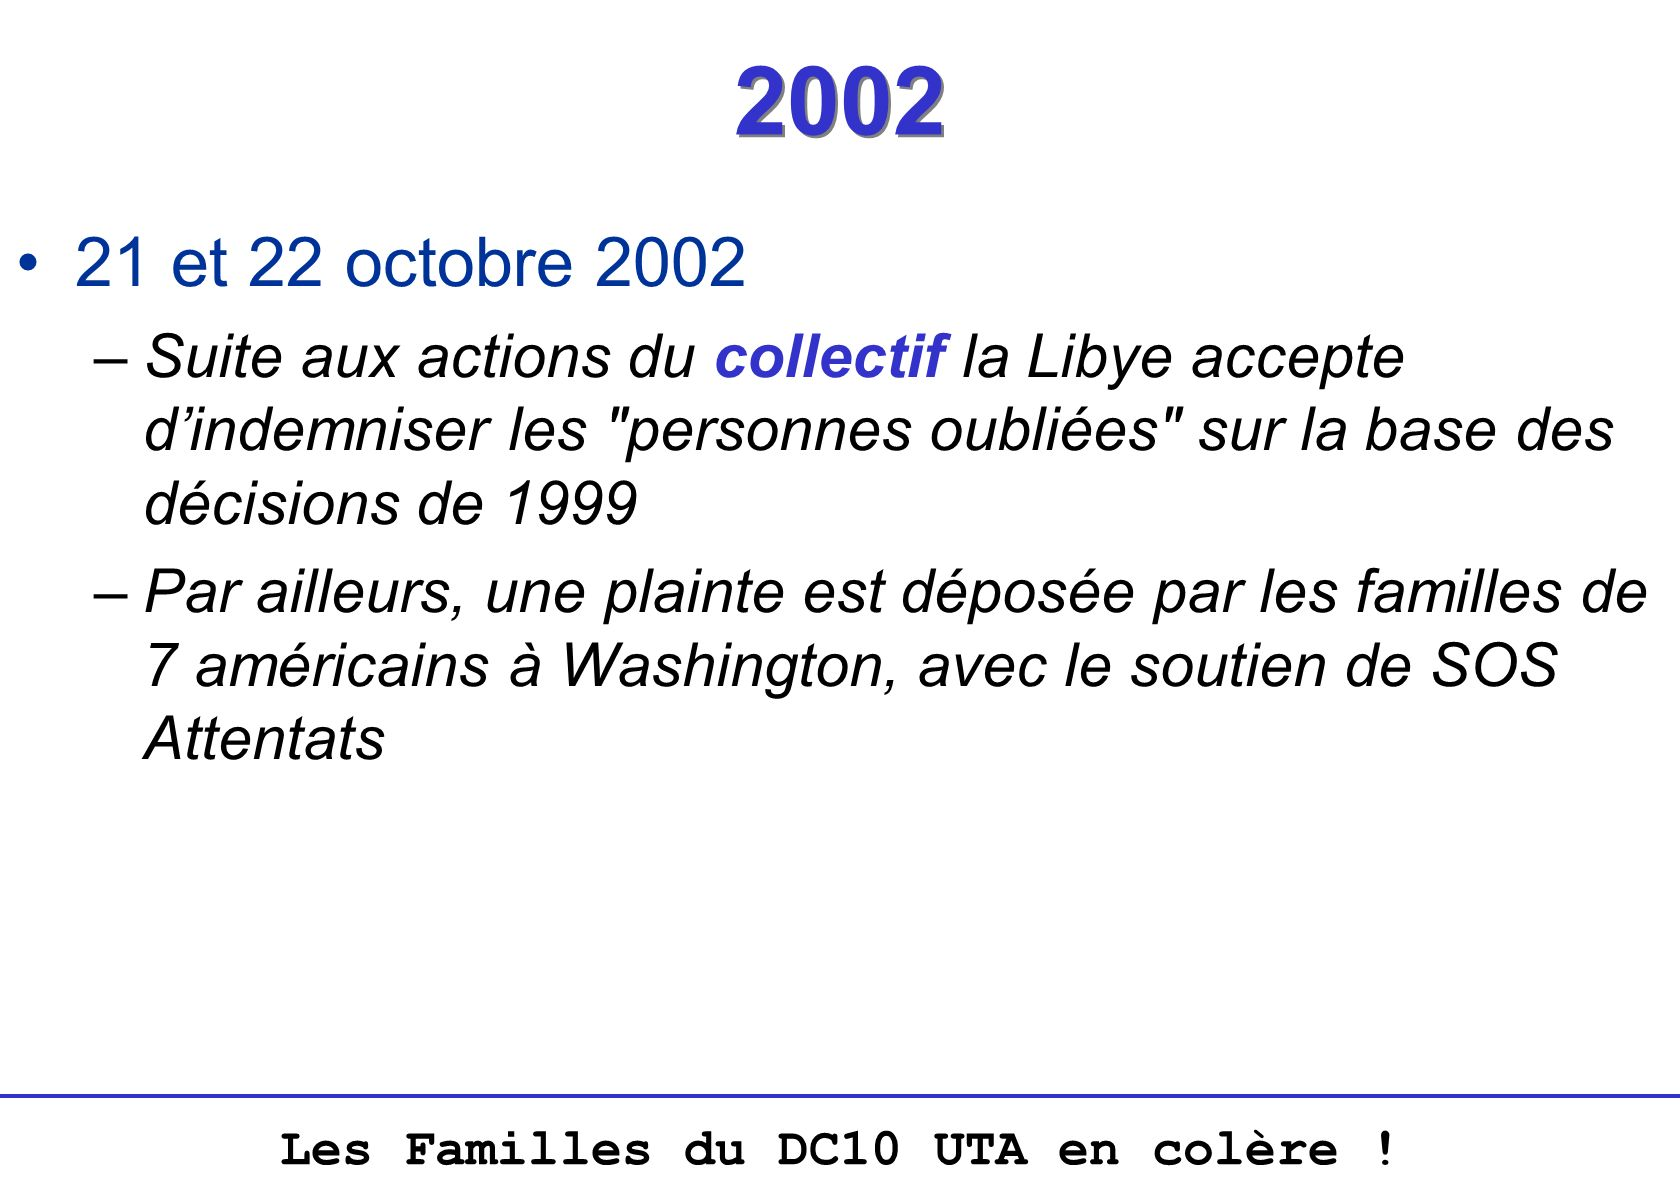 2002 21 et 22 octobre 2002. Suite aux actions du collectif la Libye accepte d'indemniser les personnes oubliées sur la base des décisions de 1999.